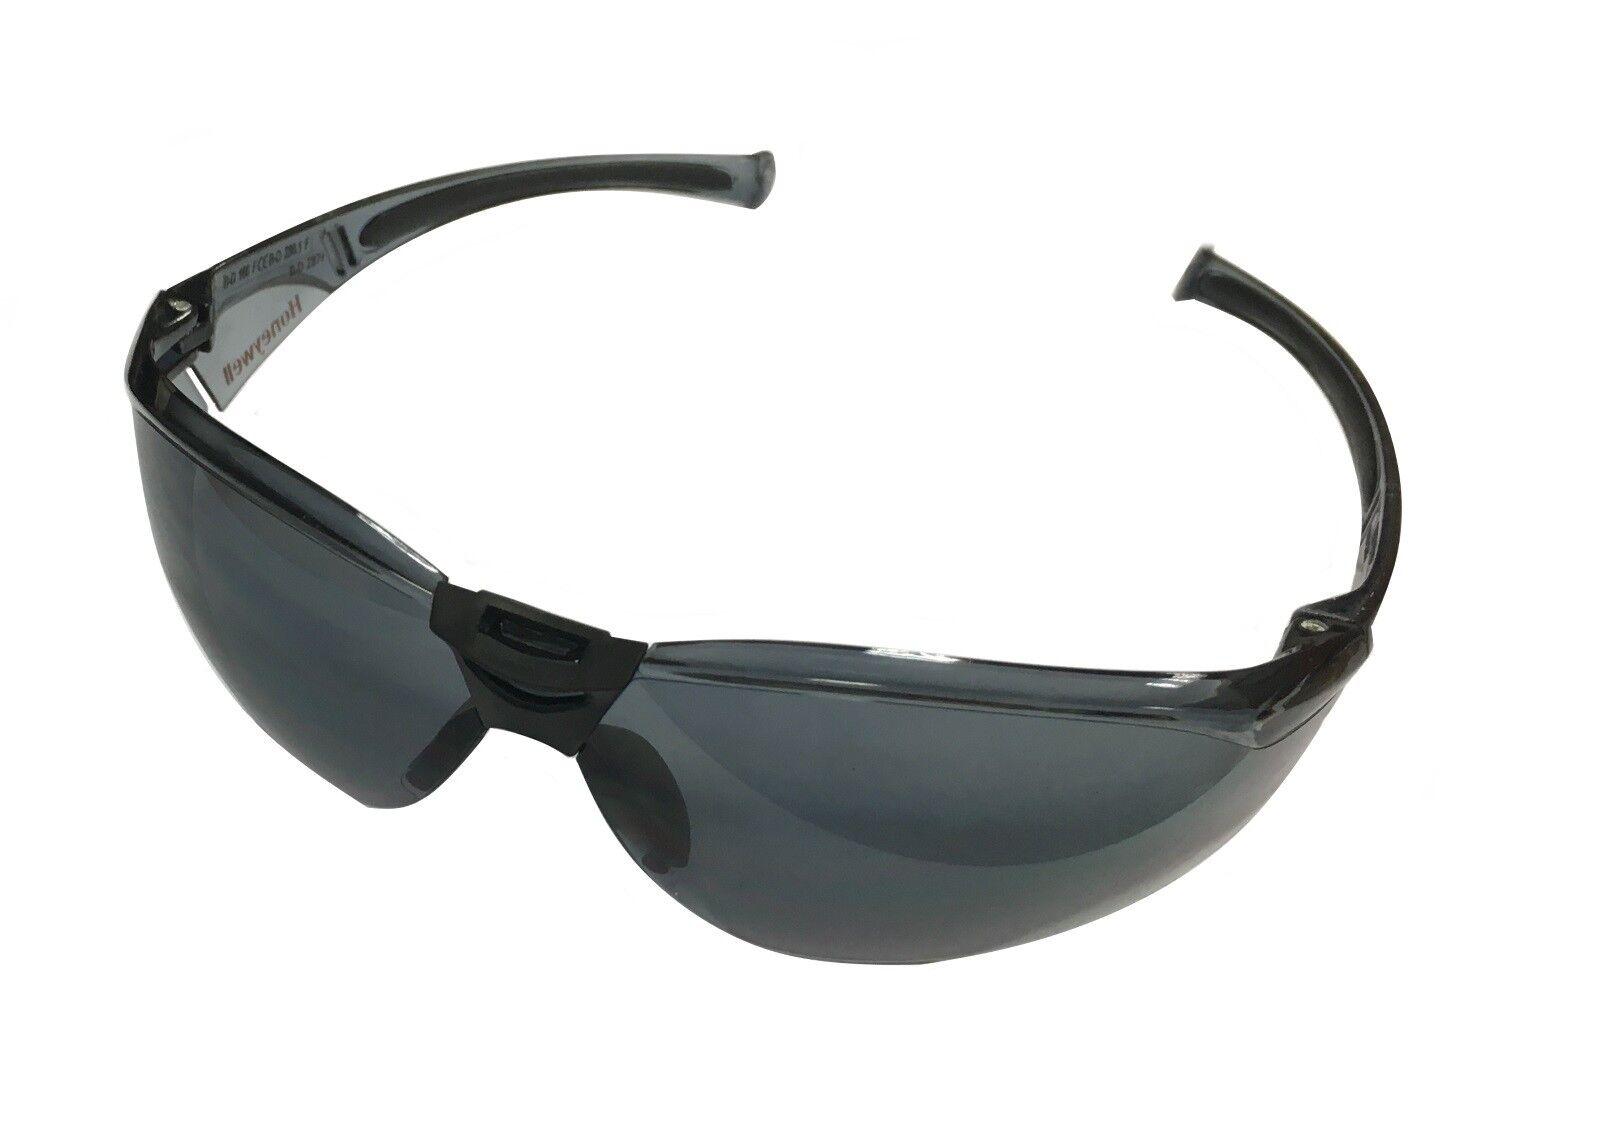 Grey Honeywell 1015368 A800 Sporty Safety Eyewear Frame with TSR Anti-Scratch Lens